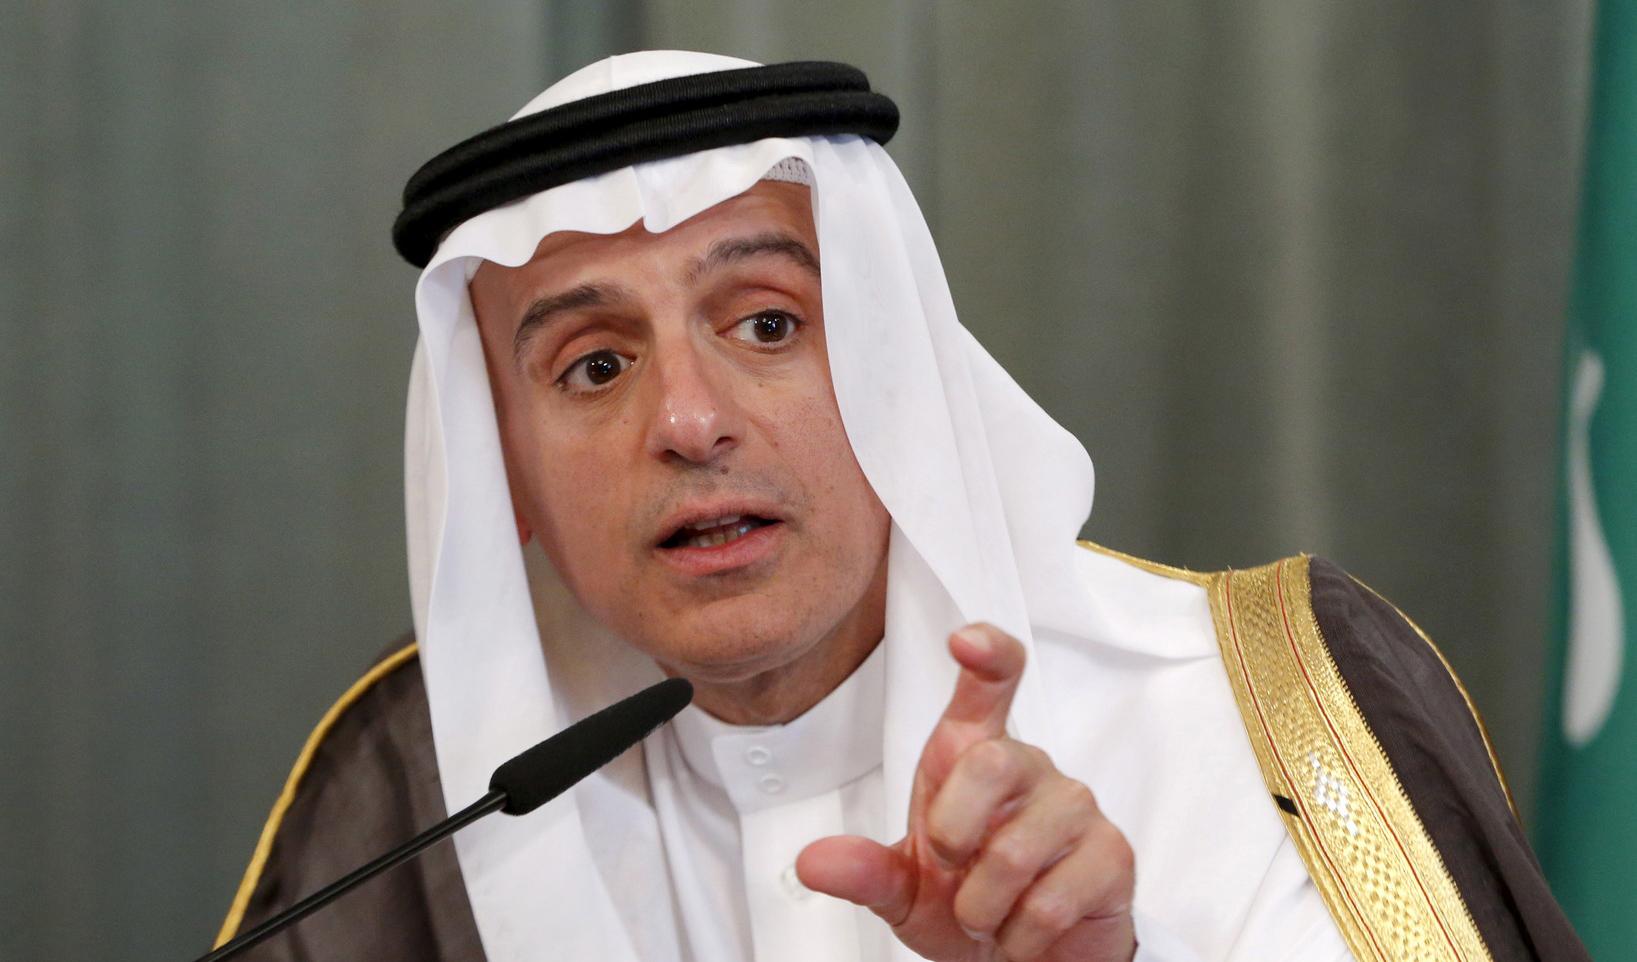 تغییر استراتژی سعودیها؟